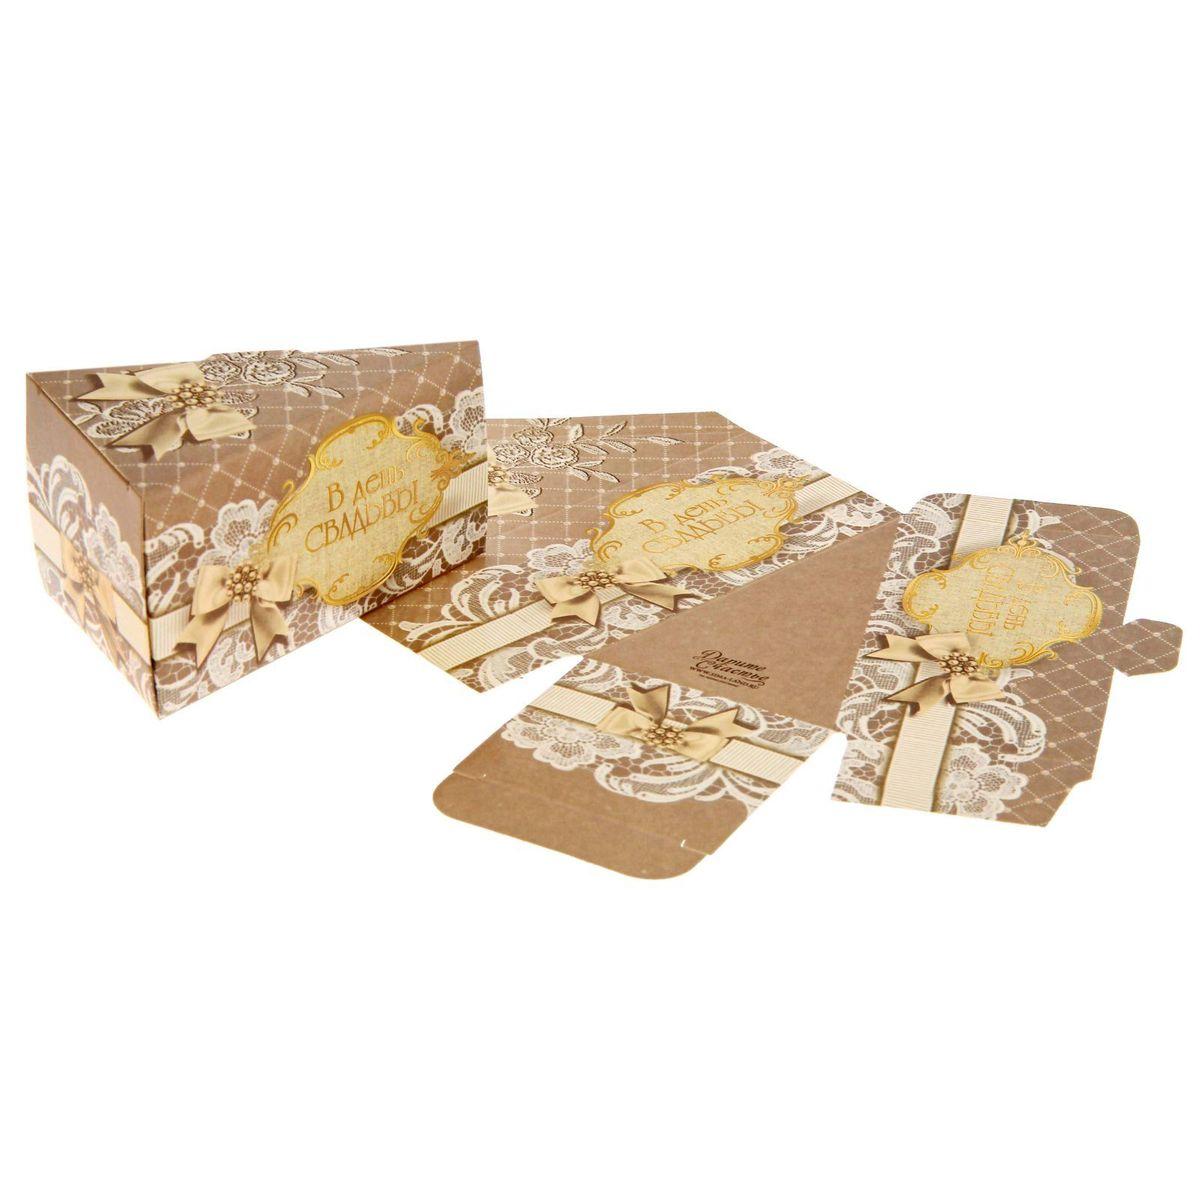 Коробка складная мини Sima-land Свадьба, цвет: мульти, 10 x 7 x 5,5 смC0038550Для любителей сладостей мы создали коробка складная мини Свадьба, 10х5,5х7 см! Все обожают конфеты, десерты и другие лакомства... Так почему бы не порадовать себя и своих близких вкусным чаепитием?Новая разработка — бонбоньерки из картона плотностью 250 г/м?! Они пользуются большой популярностью при оформлении свадебных столов: в них кладут угощение (комплимент) для гостей. Но чтобы порадовать друзей и знакомых не нужен повод!